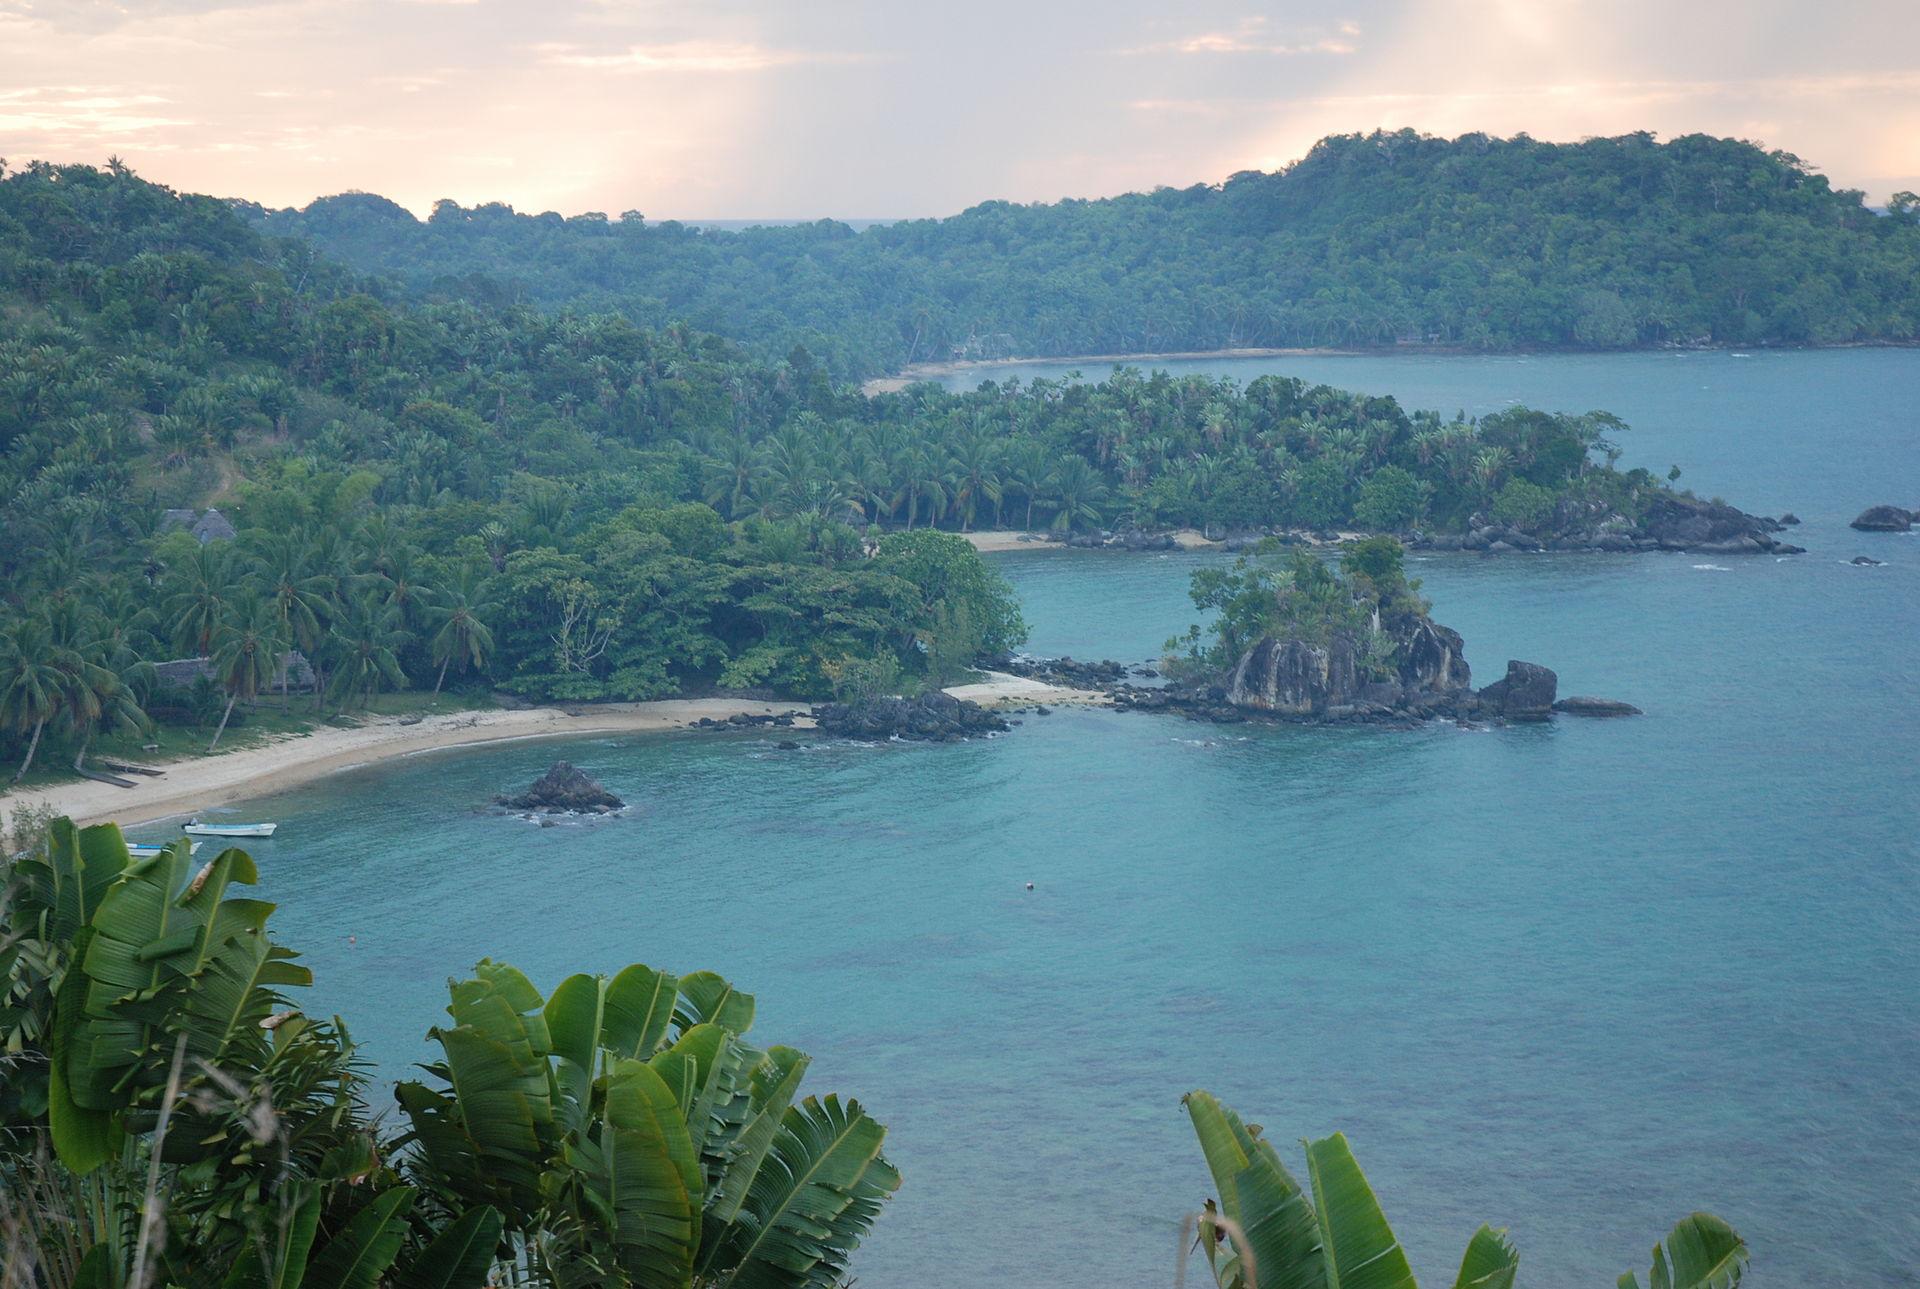 St. Marie Karibik